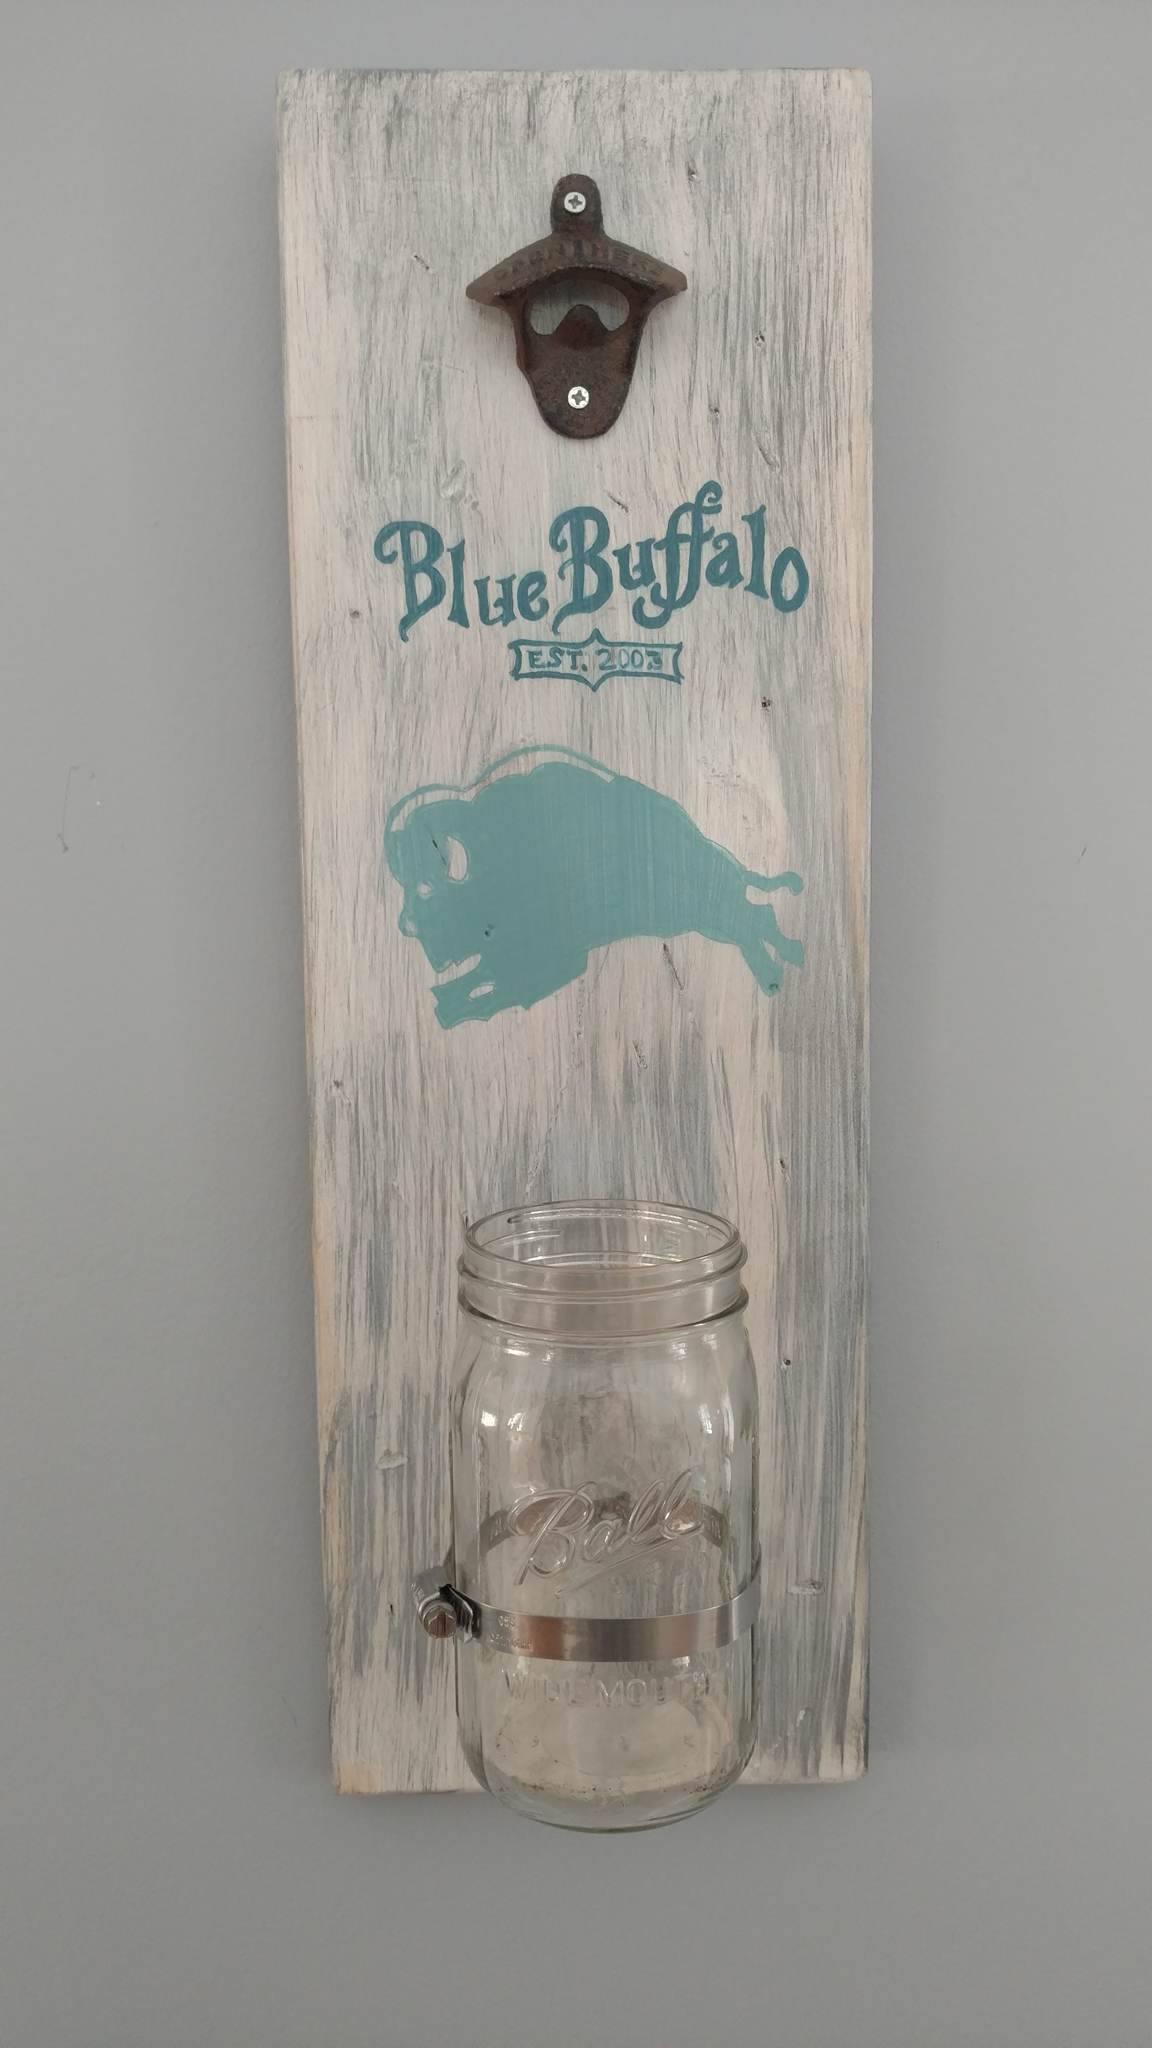 Bottle Opener made for Blue Buffalo